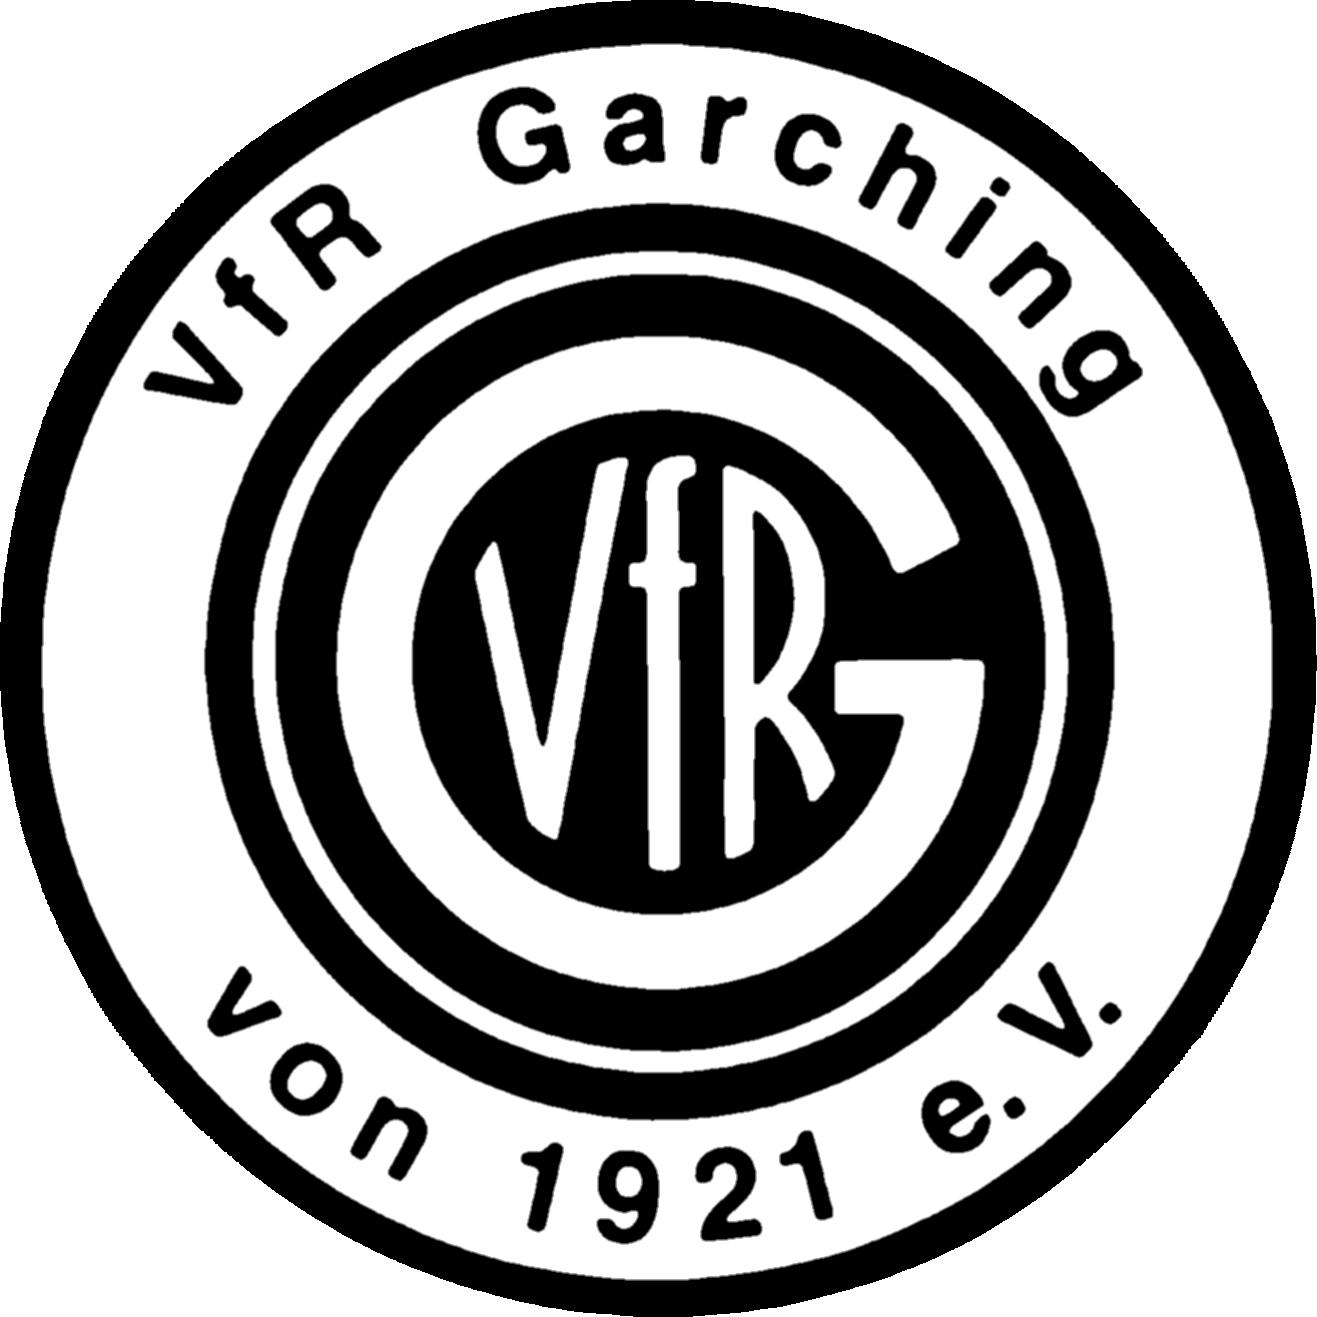 Vfr-garching.png